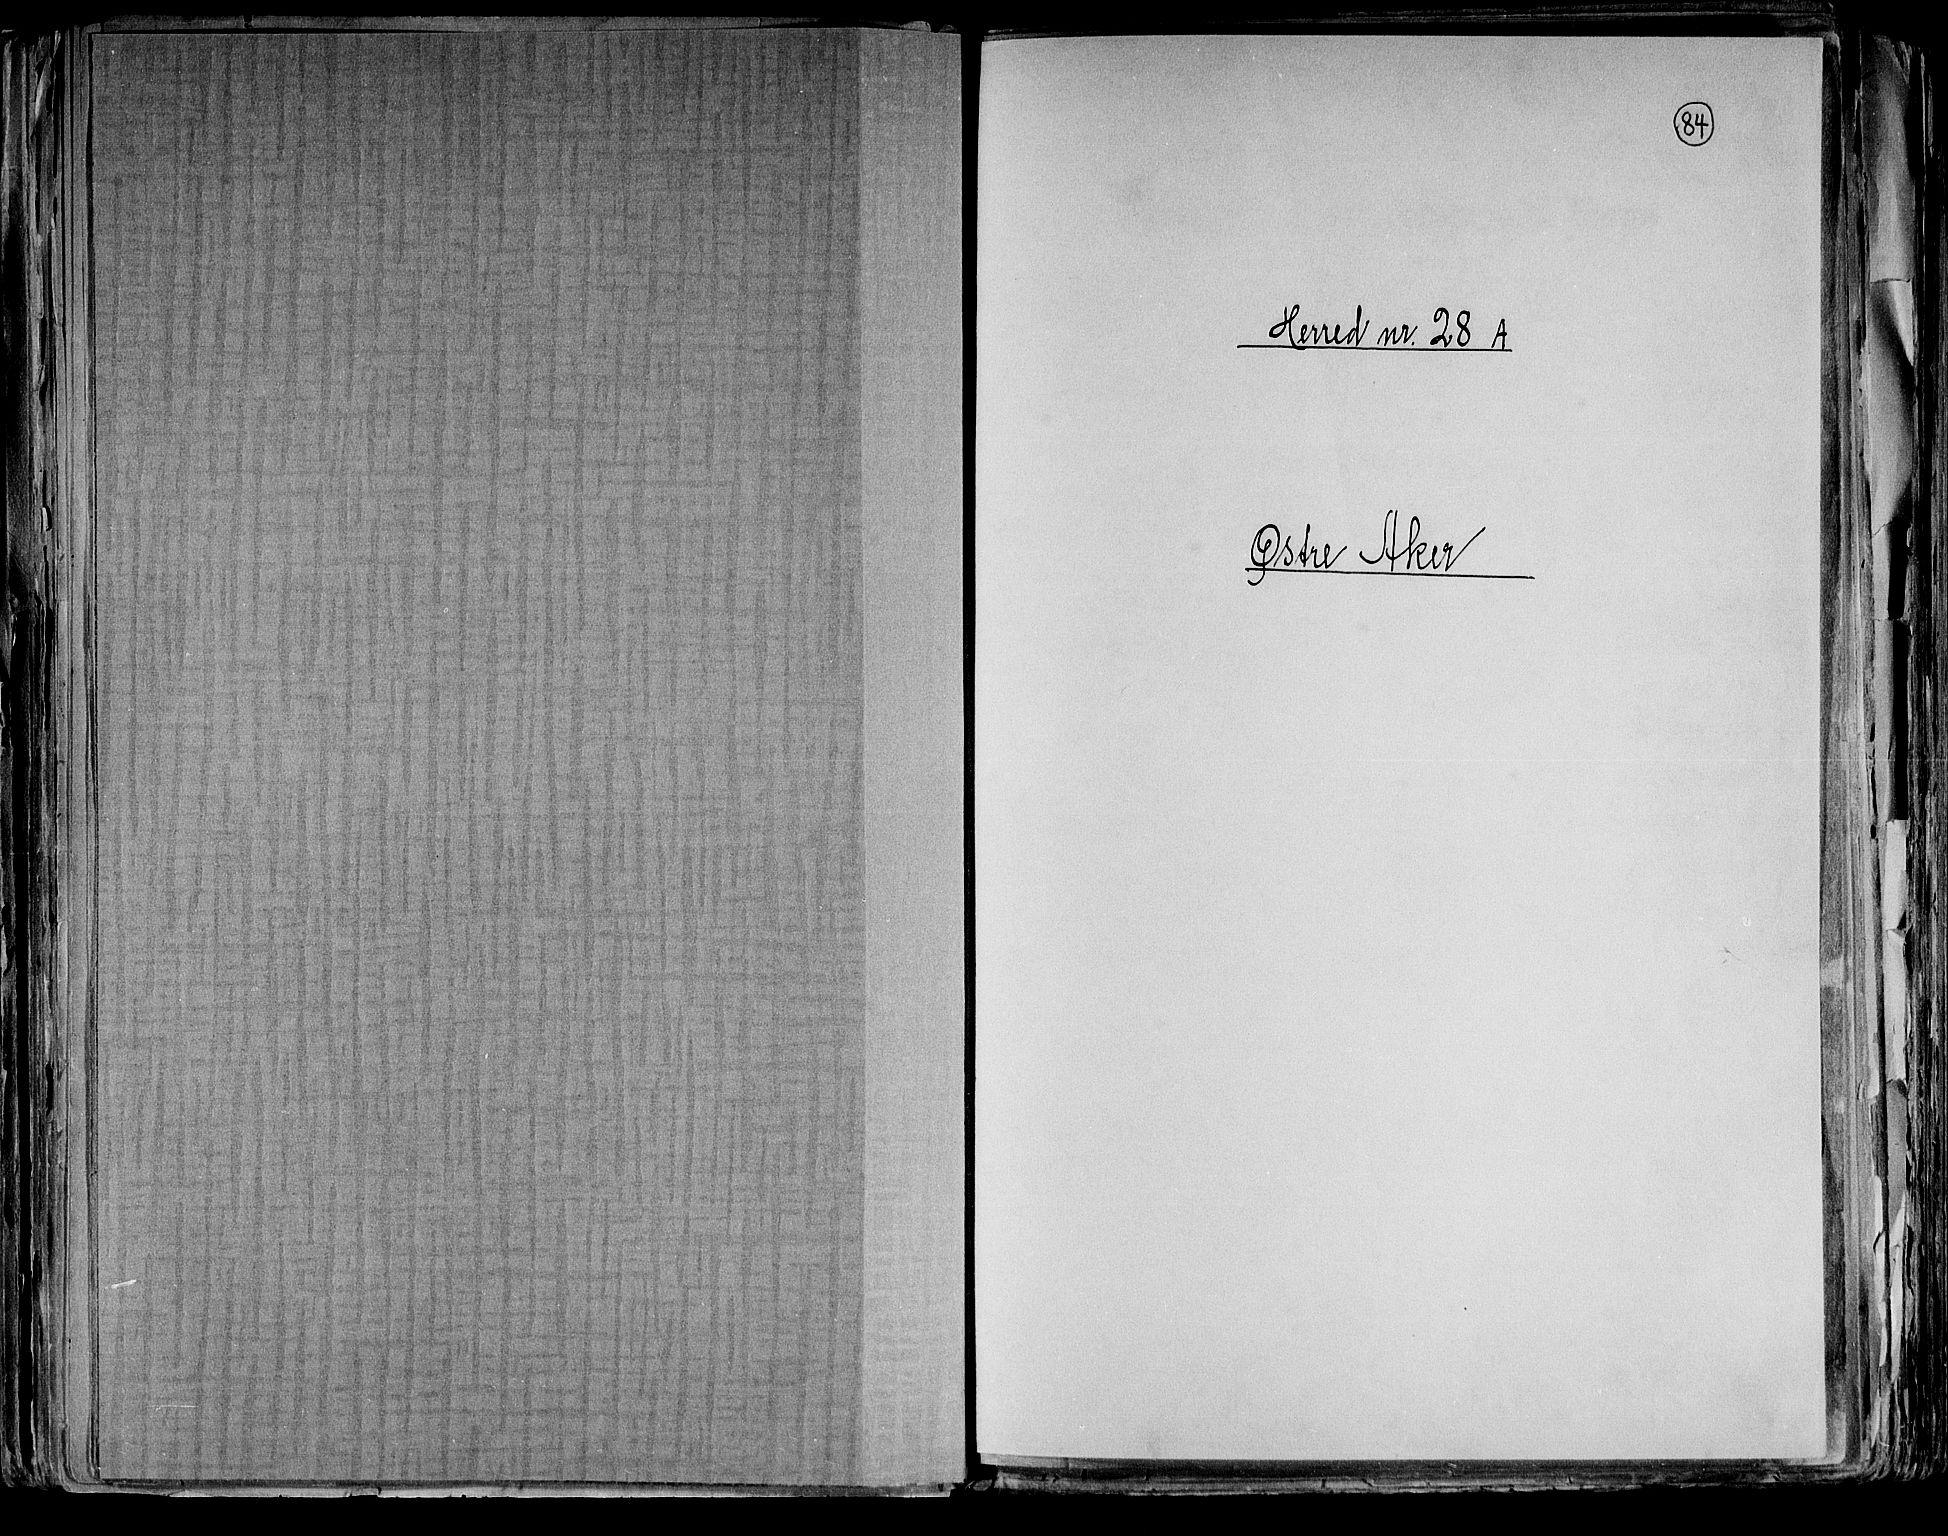 RA, Folketelling 1891 for 0218 Aker herred, 1891, s. 1